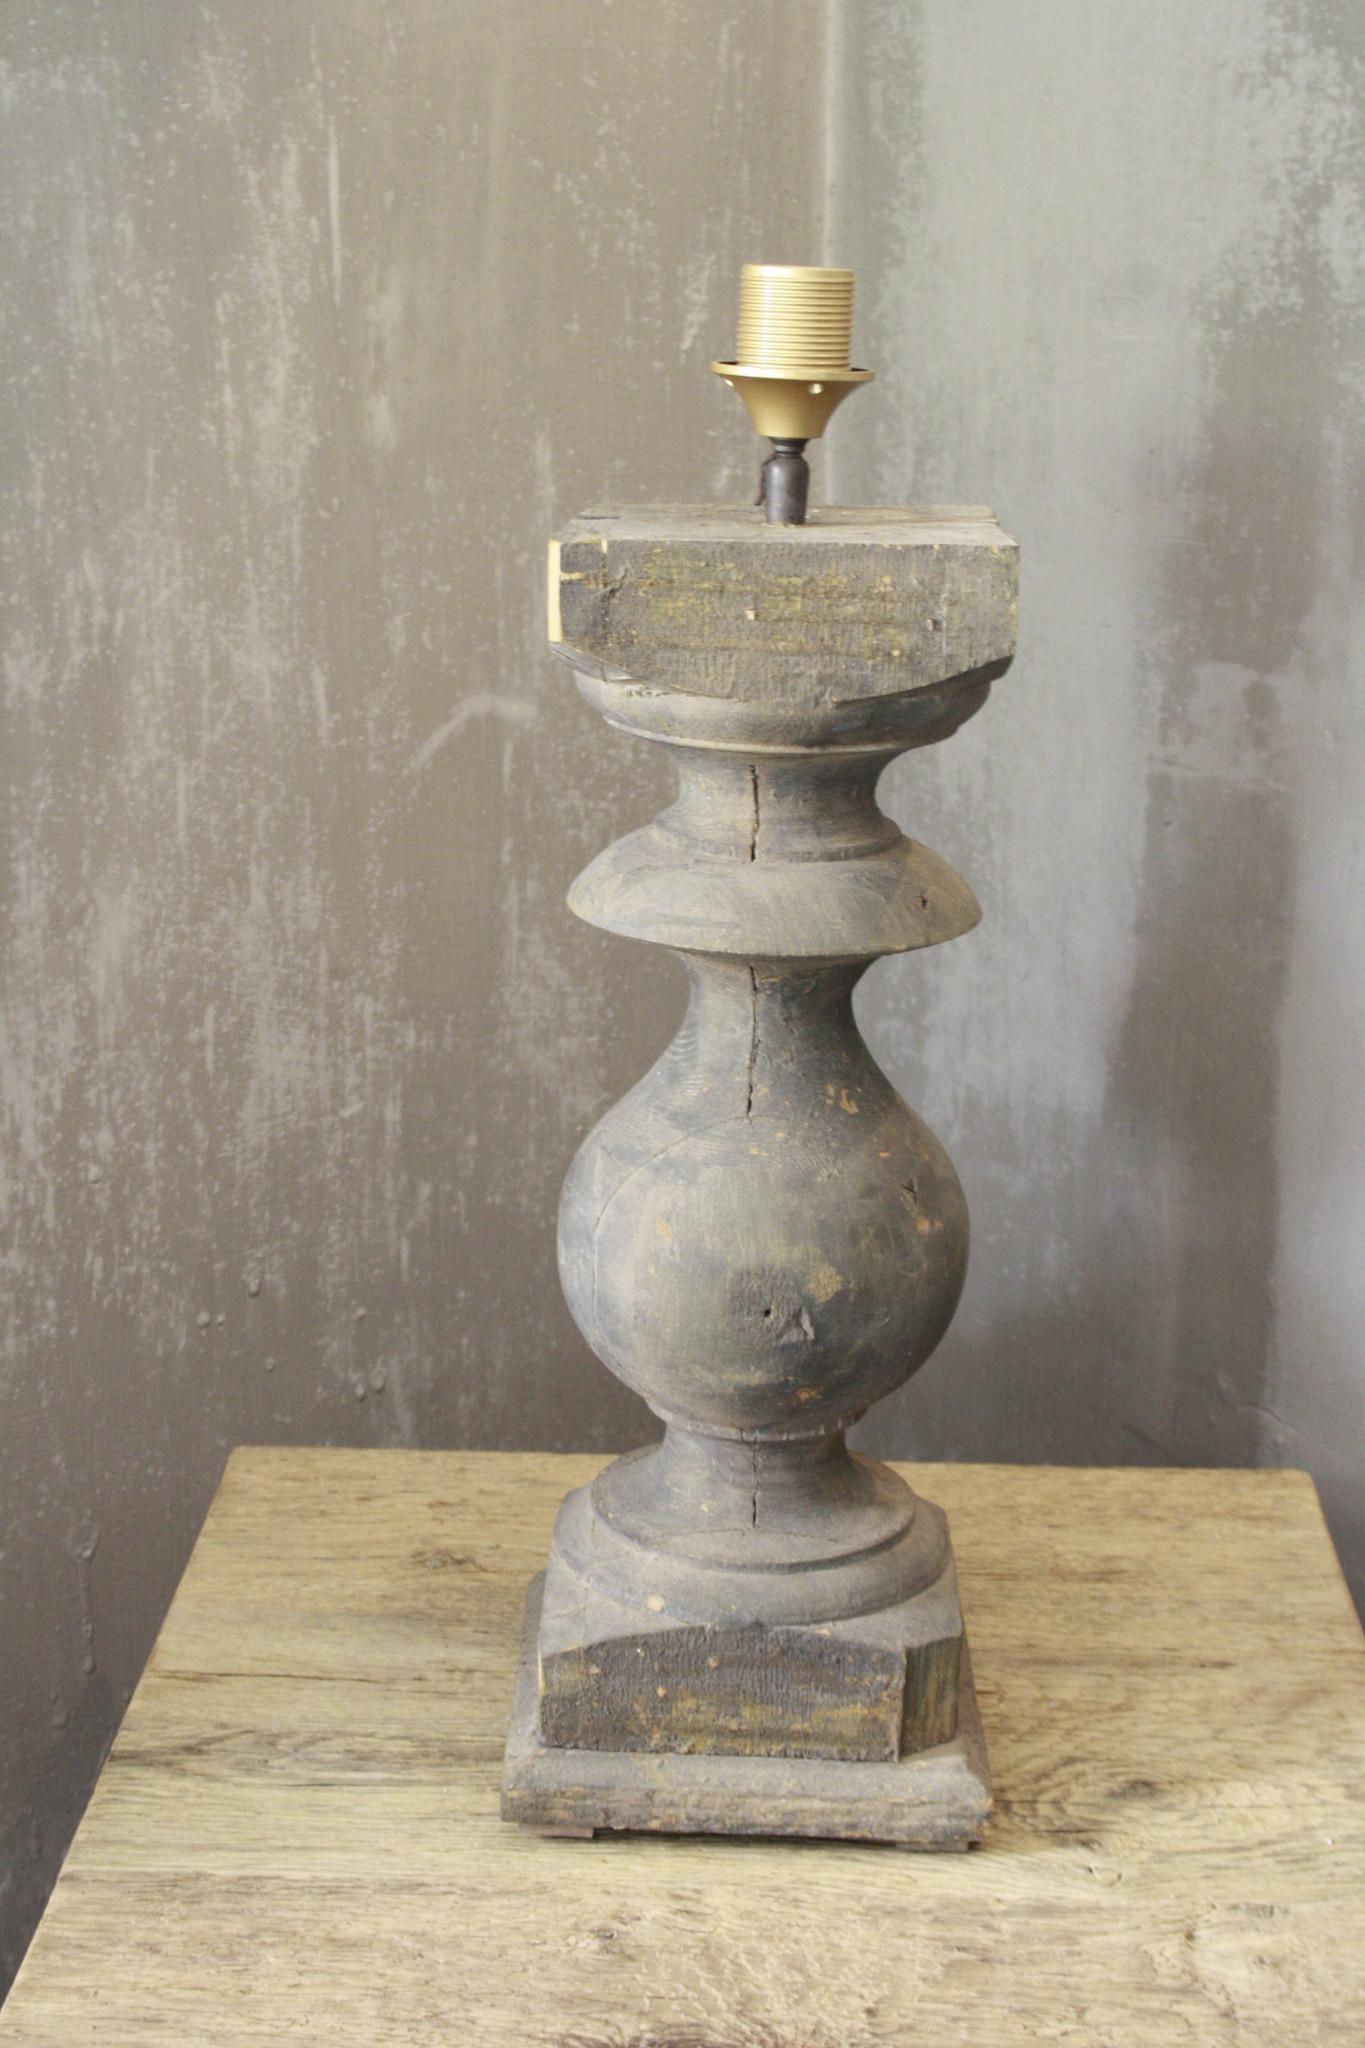 Balusterlamp Oud Hout L65 cm Grijs-1